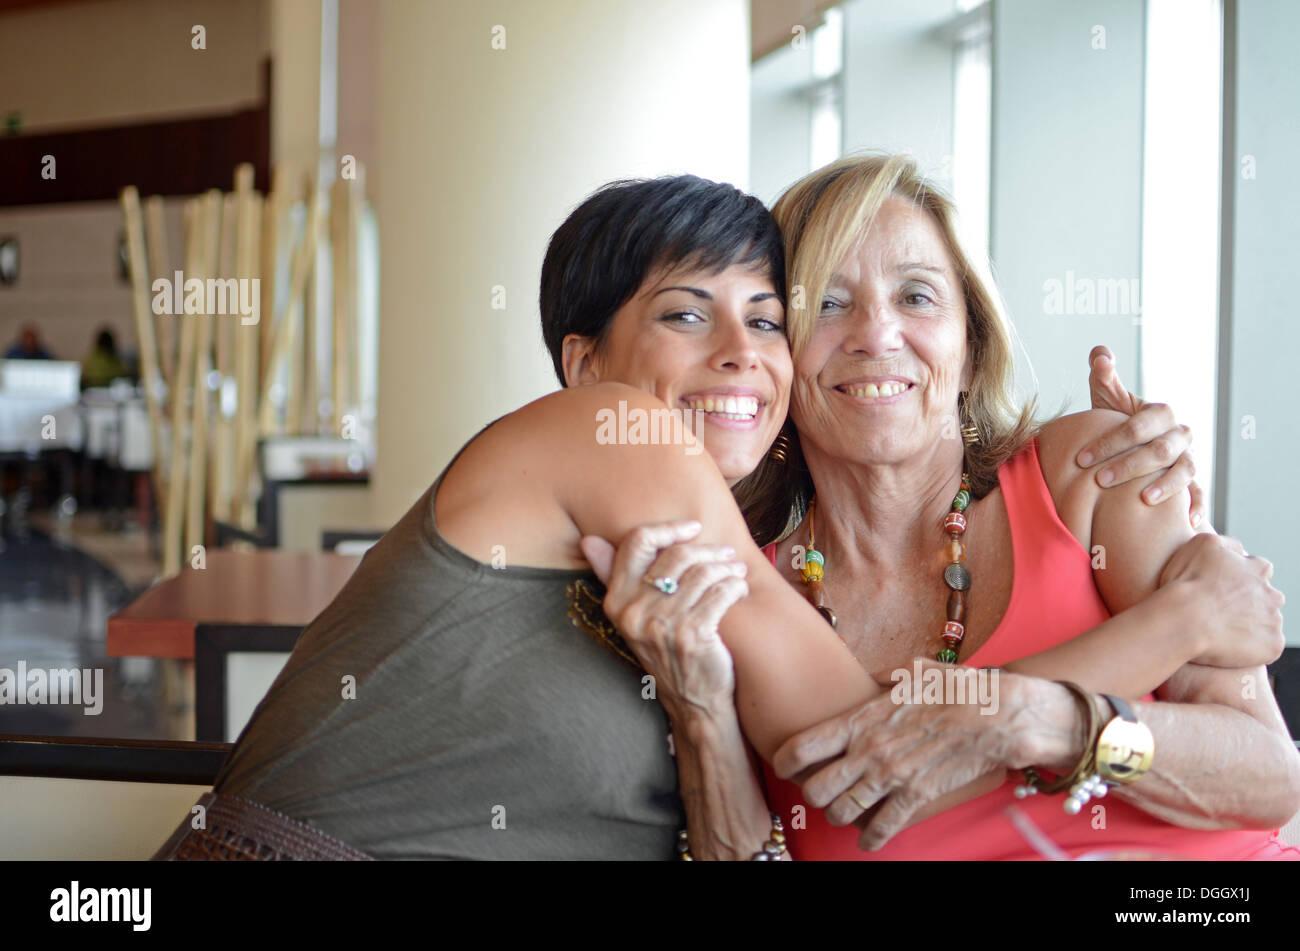 Maduro y joven Abrazo afectuosamente Imagen De Stock